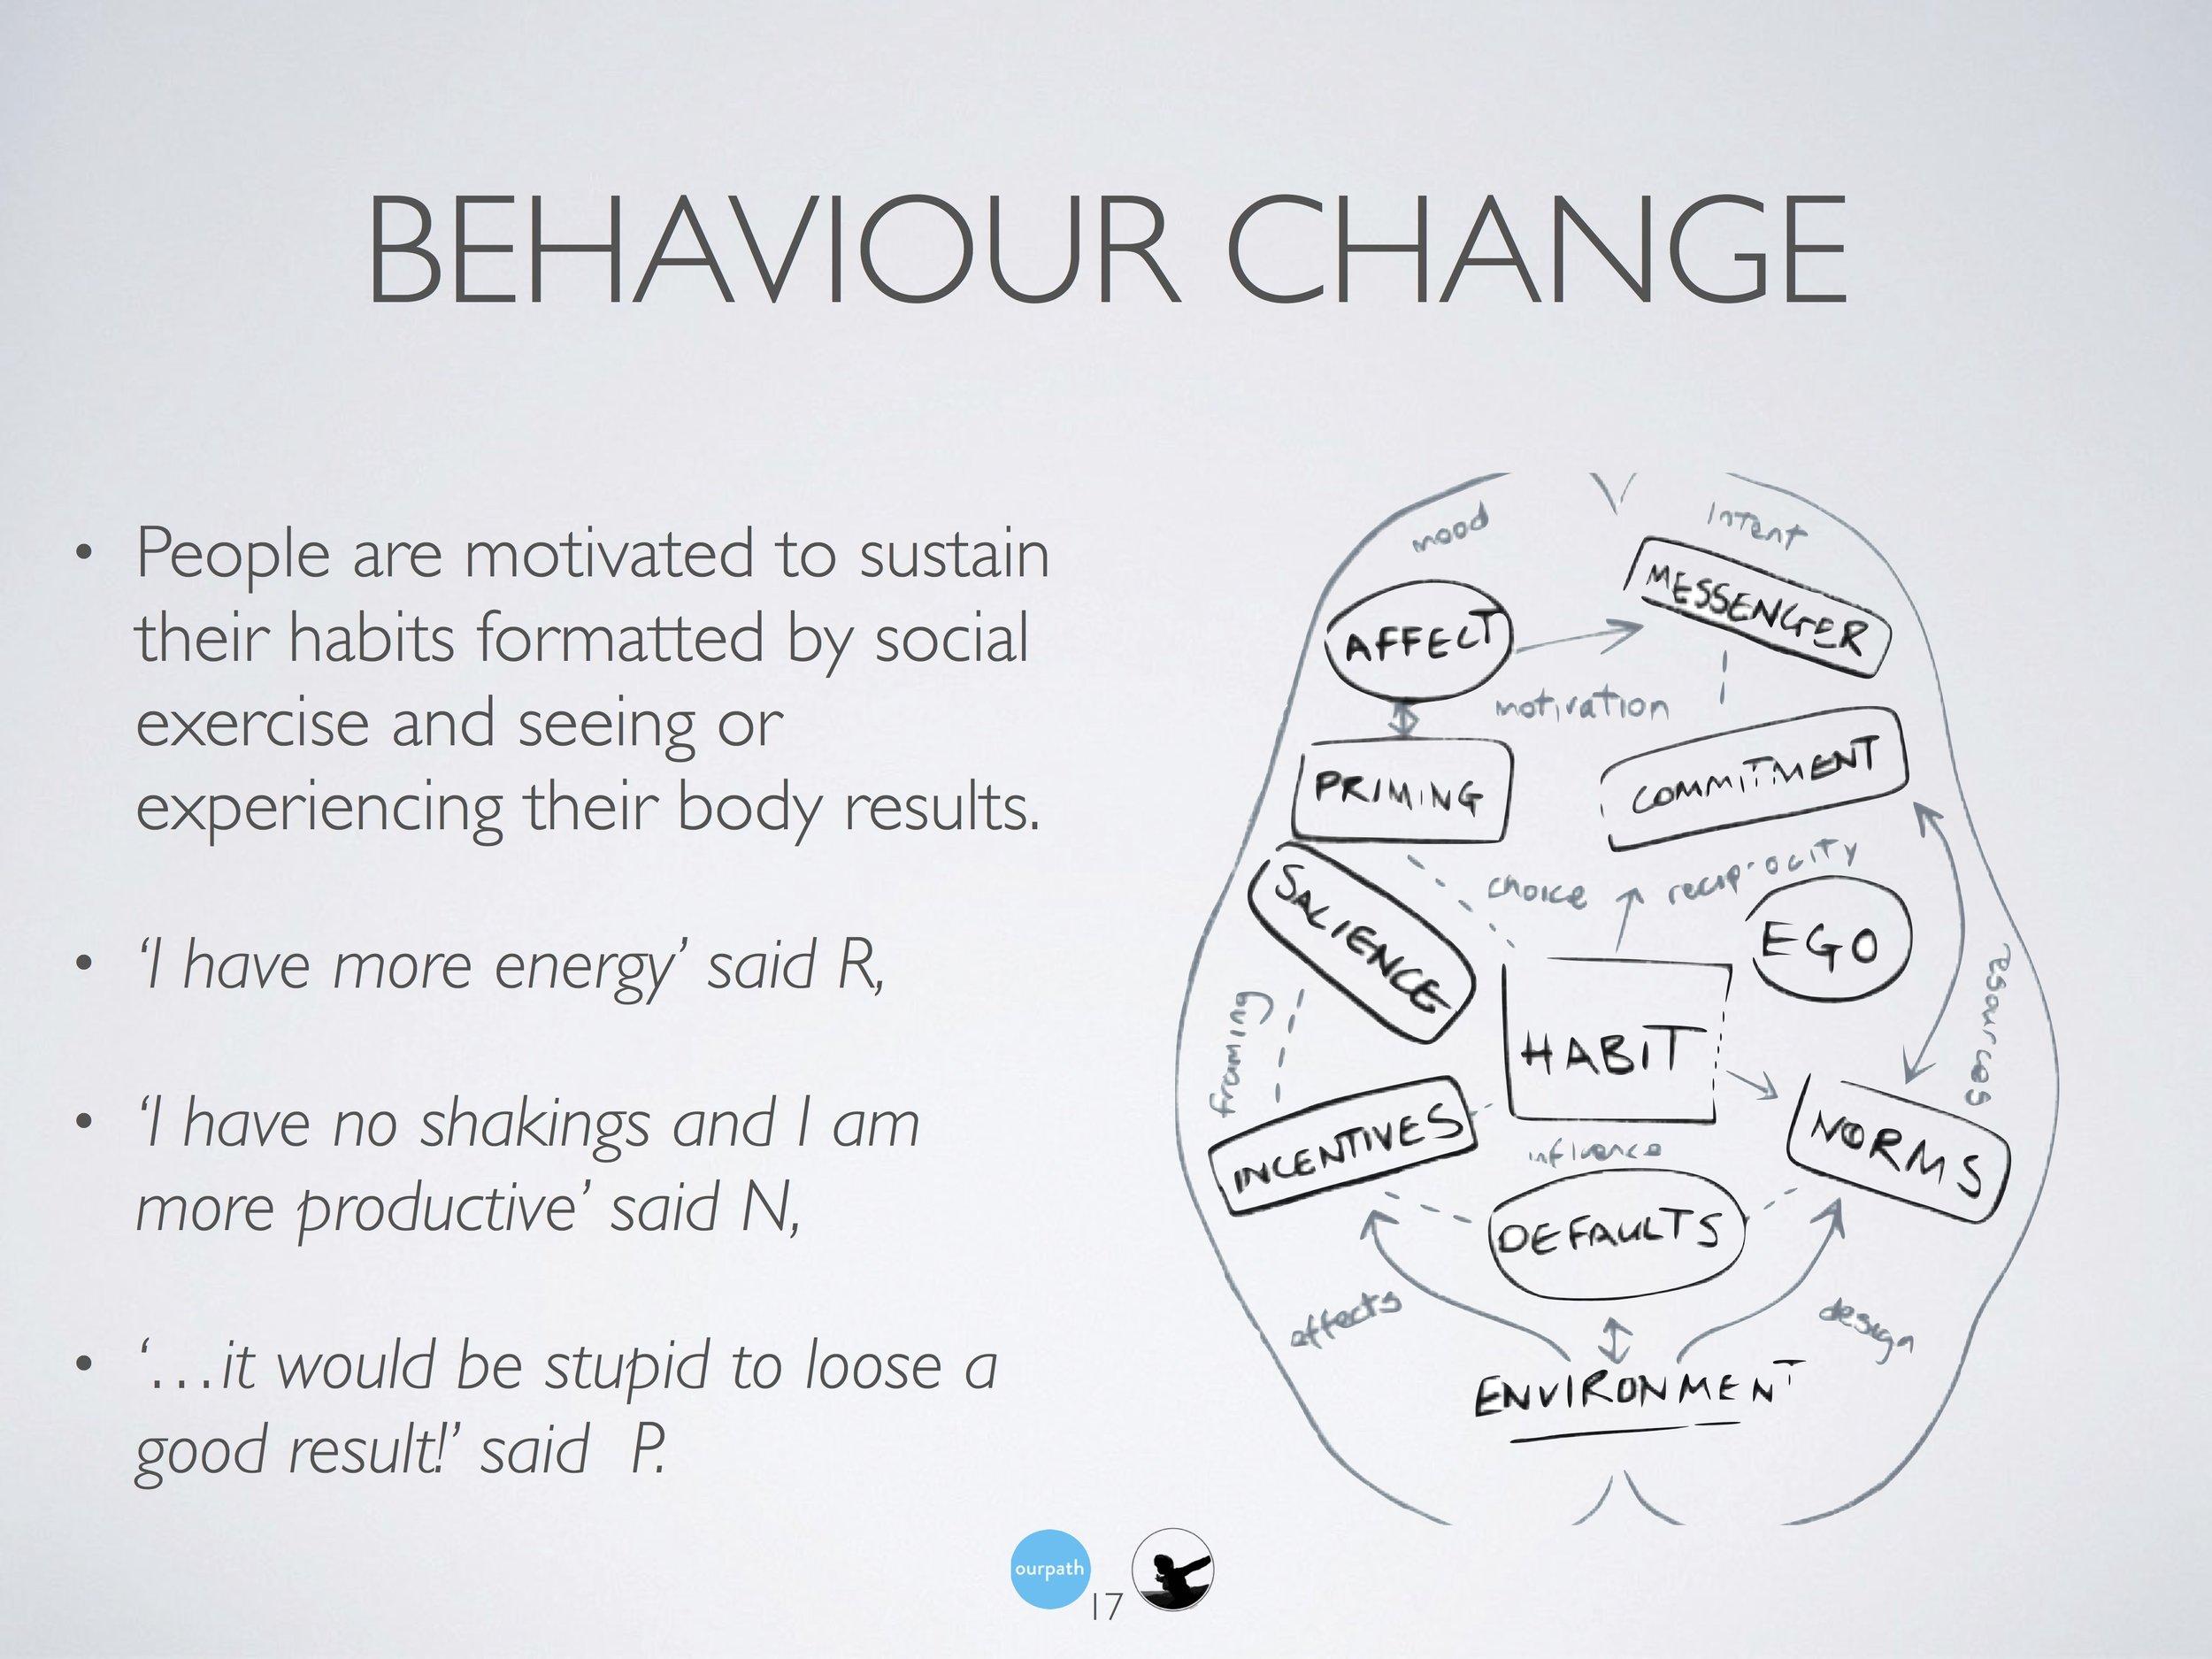 Behavioural change.jpg